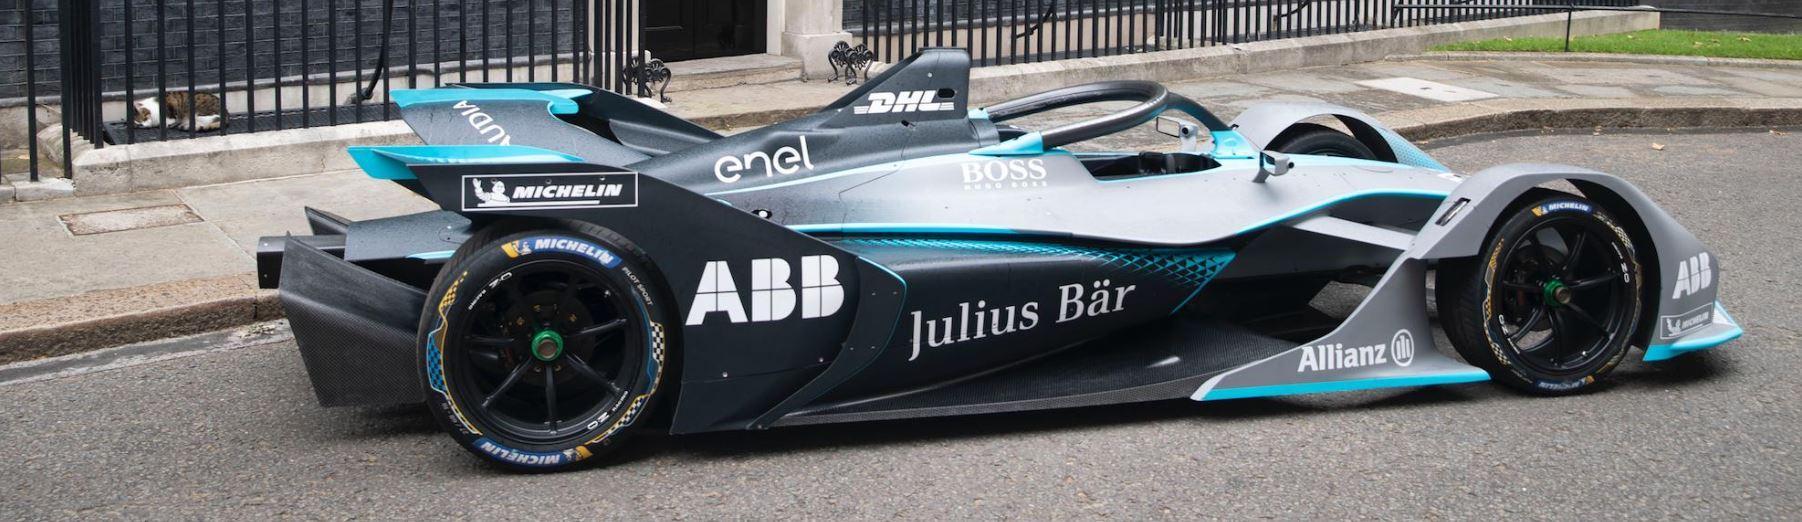 La Formula E sbanca a Downing Street al numero 10, residenza del primo ministro britannico Theresa May. Prima di lasciare il suo incarico, la premier ...